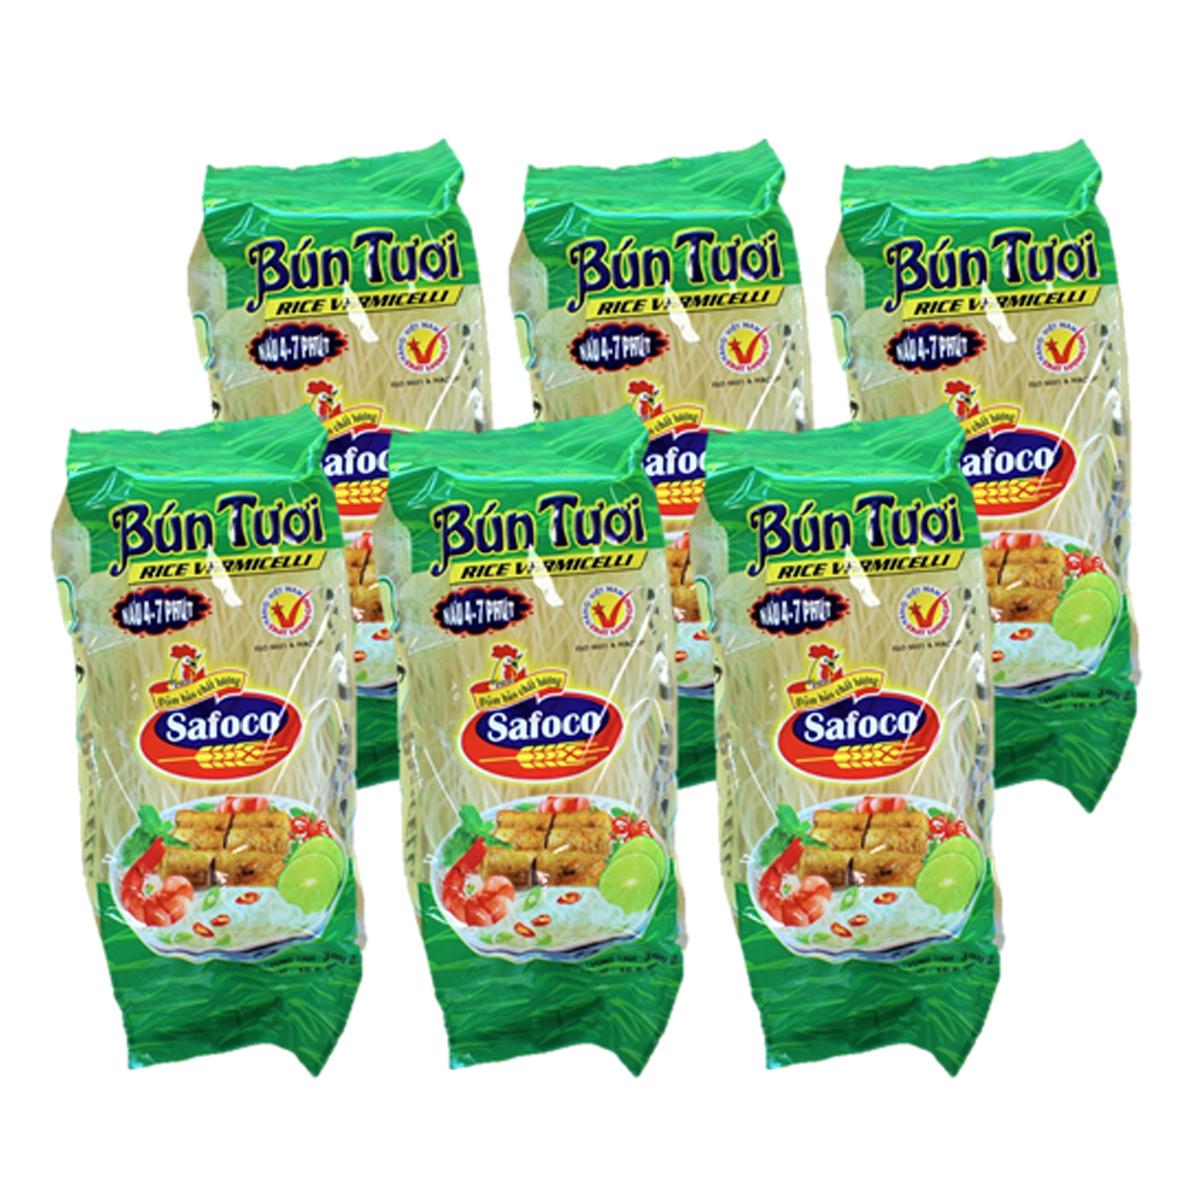 内祝い セットでお買い得 6個セット 至高 Bun Tuoi RICE VERMICELLI 300g×6ベトナムビーフン Safoco